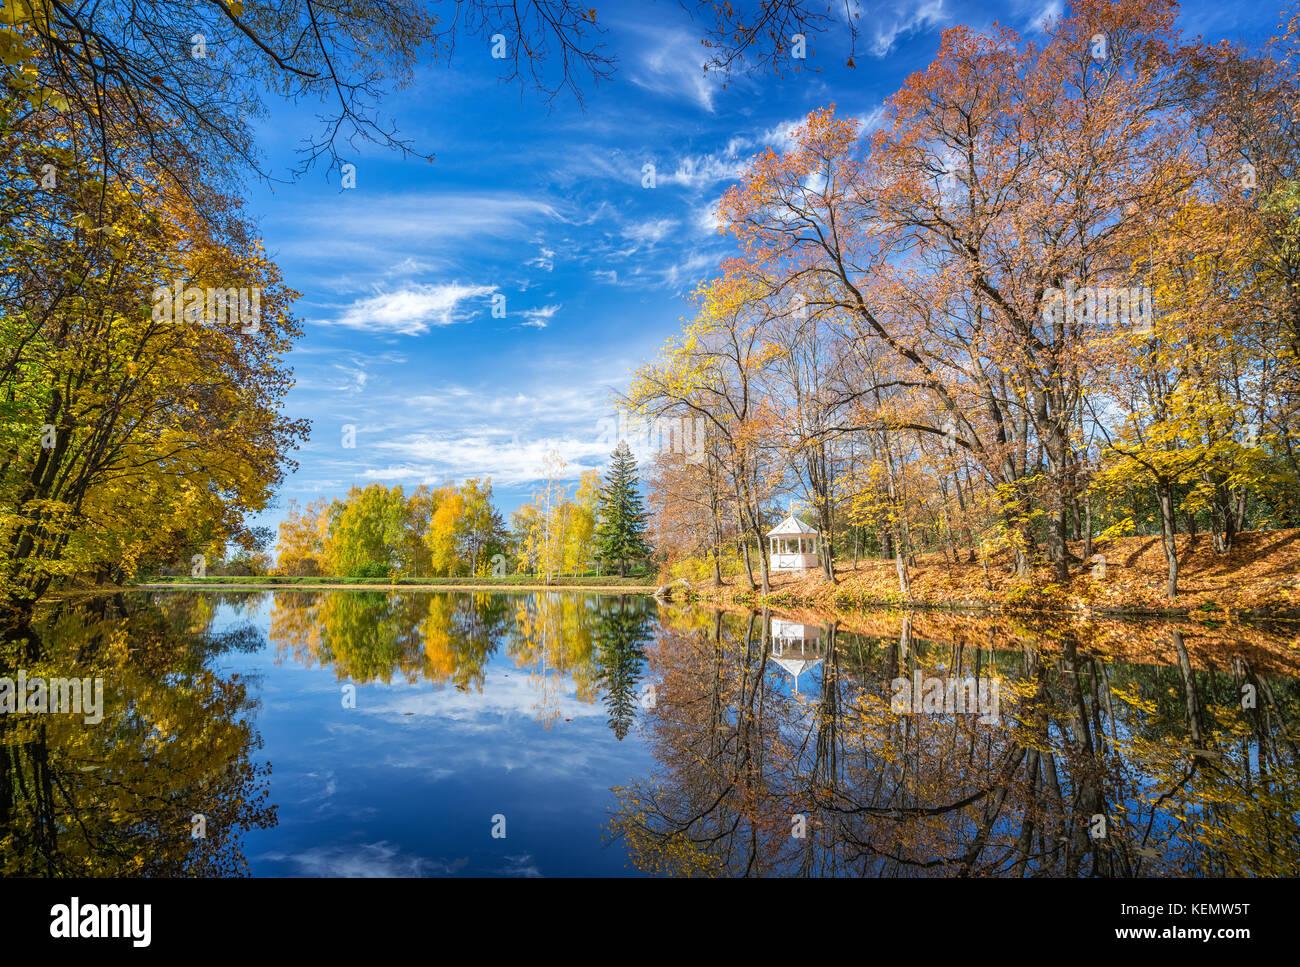 Sunny Autunno nel parco sul lago Immagini Stock